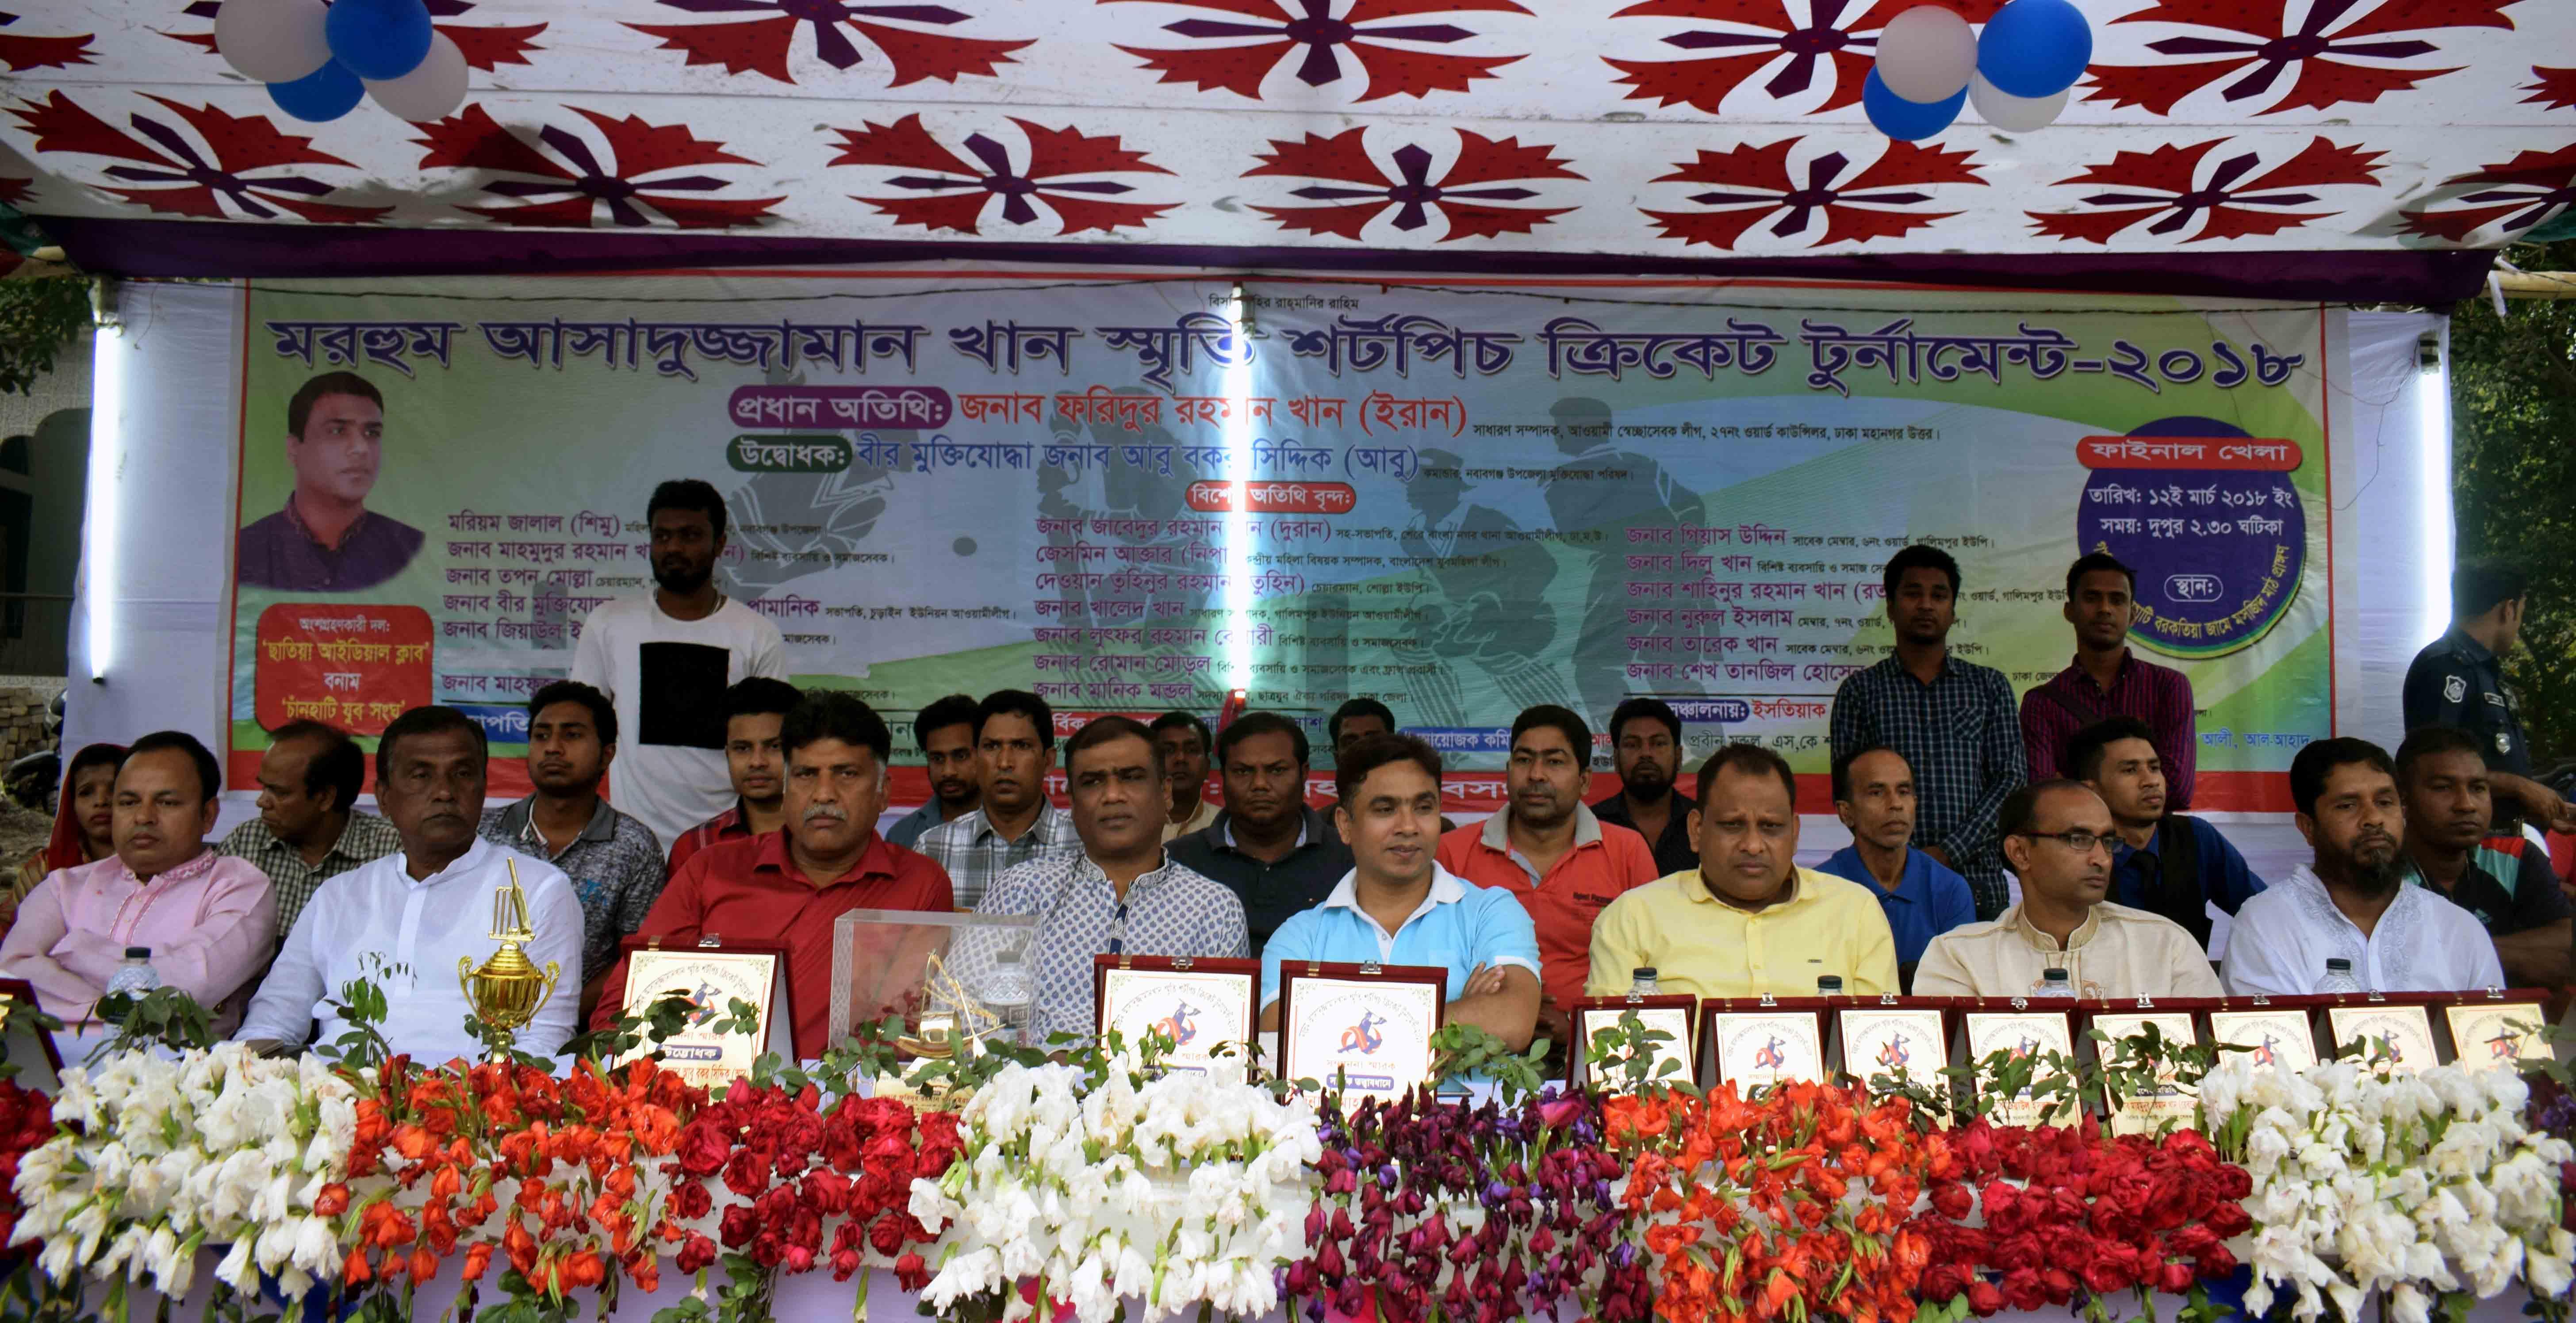 নবাবগঞ্জে আসাদুজ্জামান খান স্মৃতি শটবাউন্ডারী ক্রিকেট টুর্নামেন্ট অনুষ্ঠিত